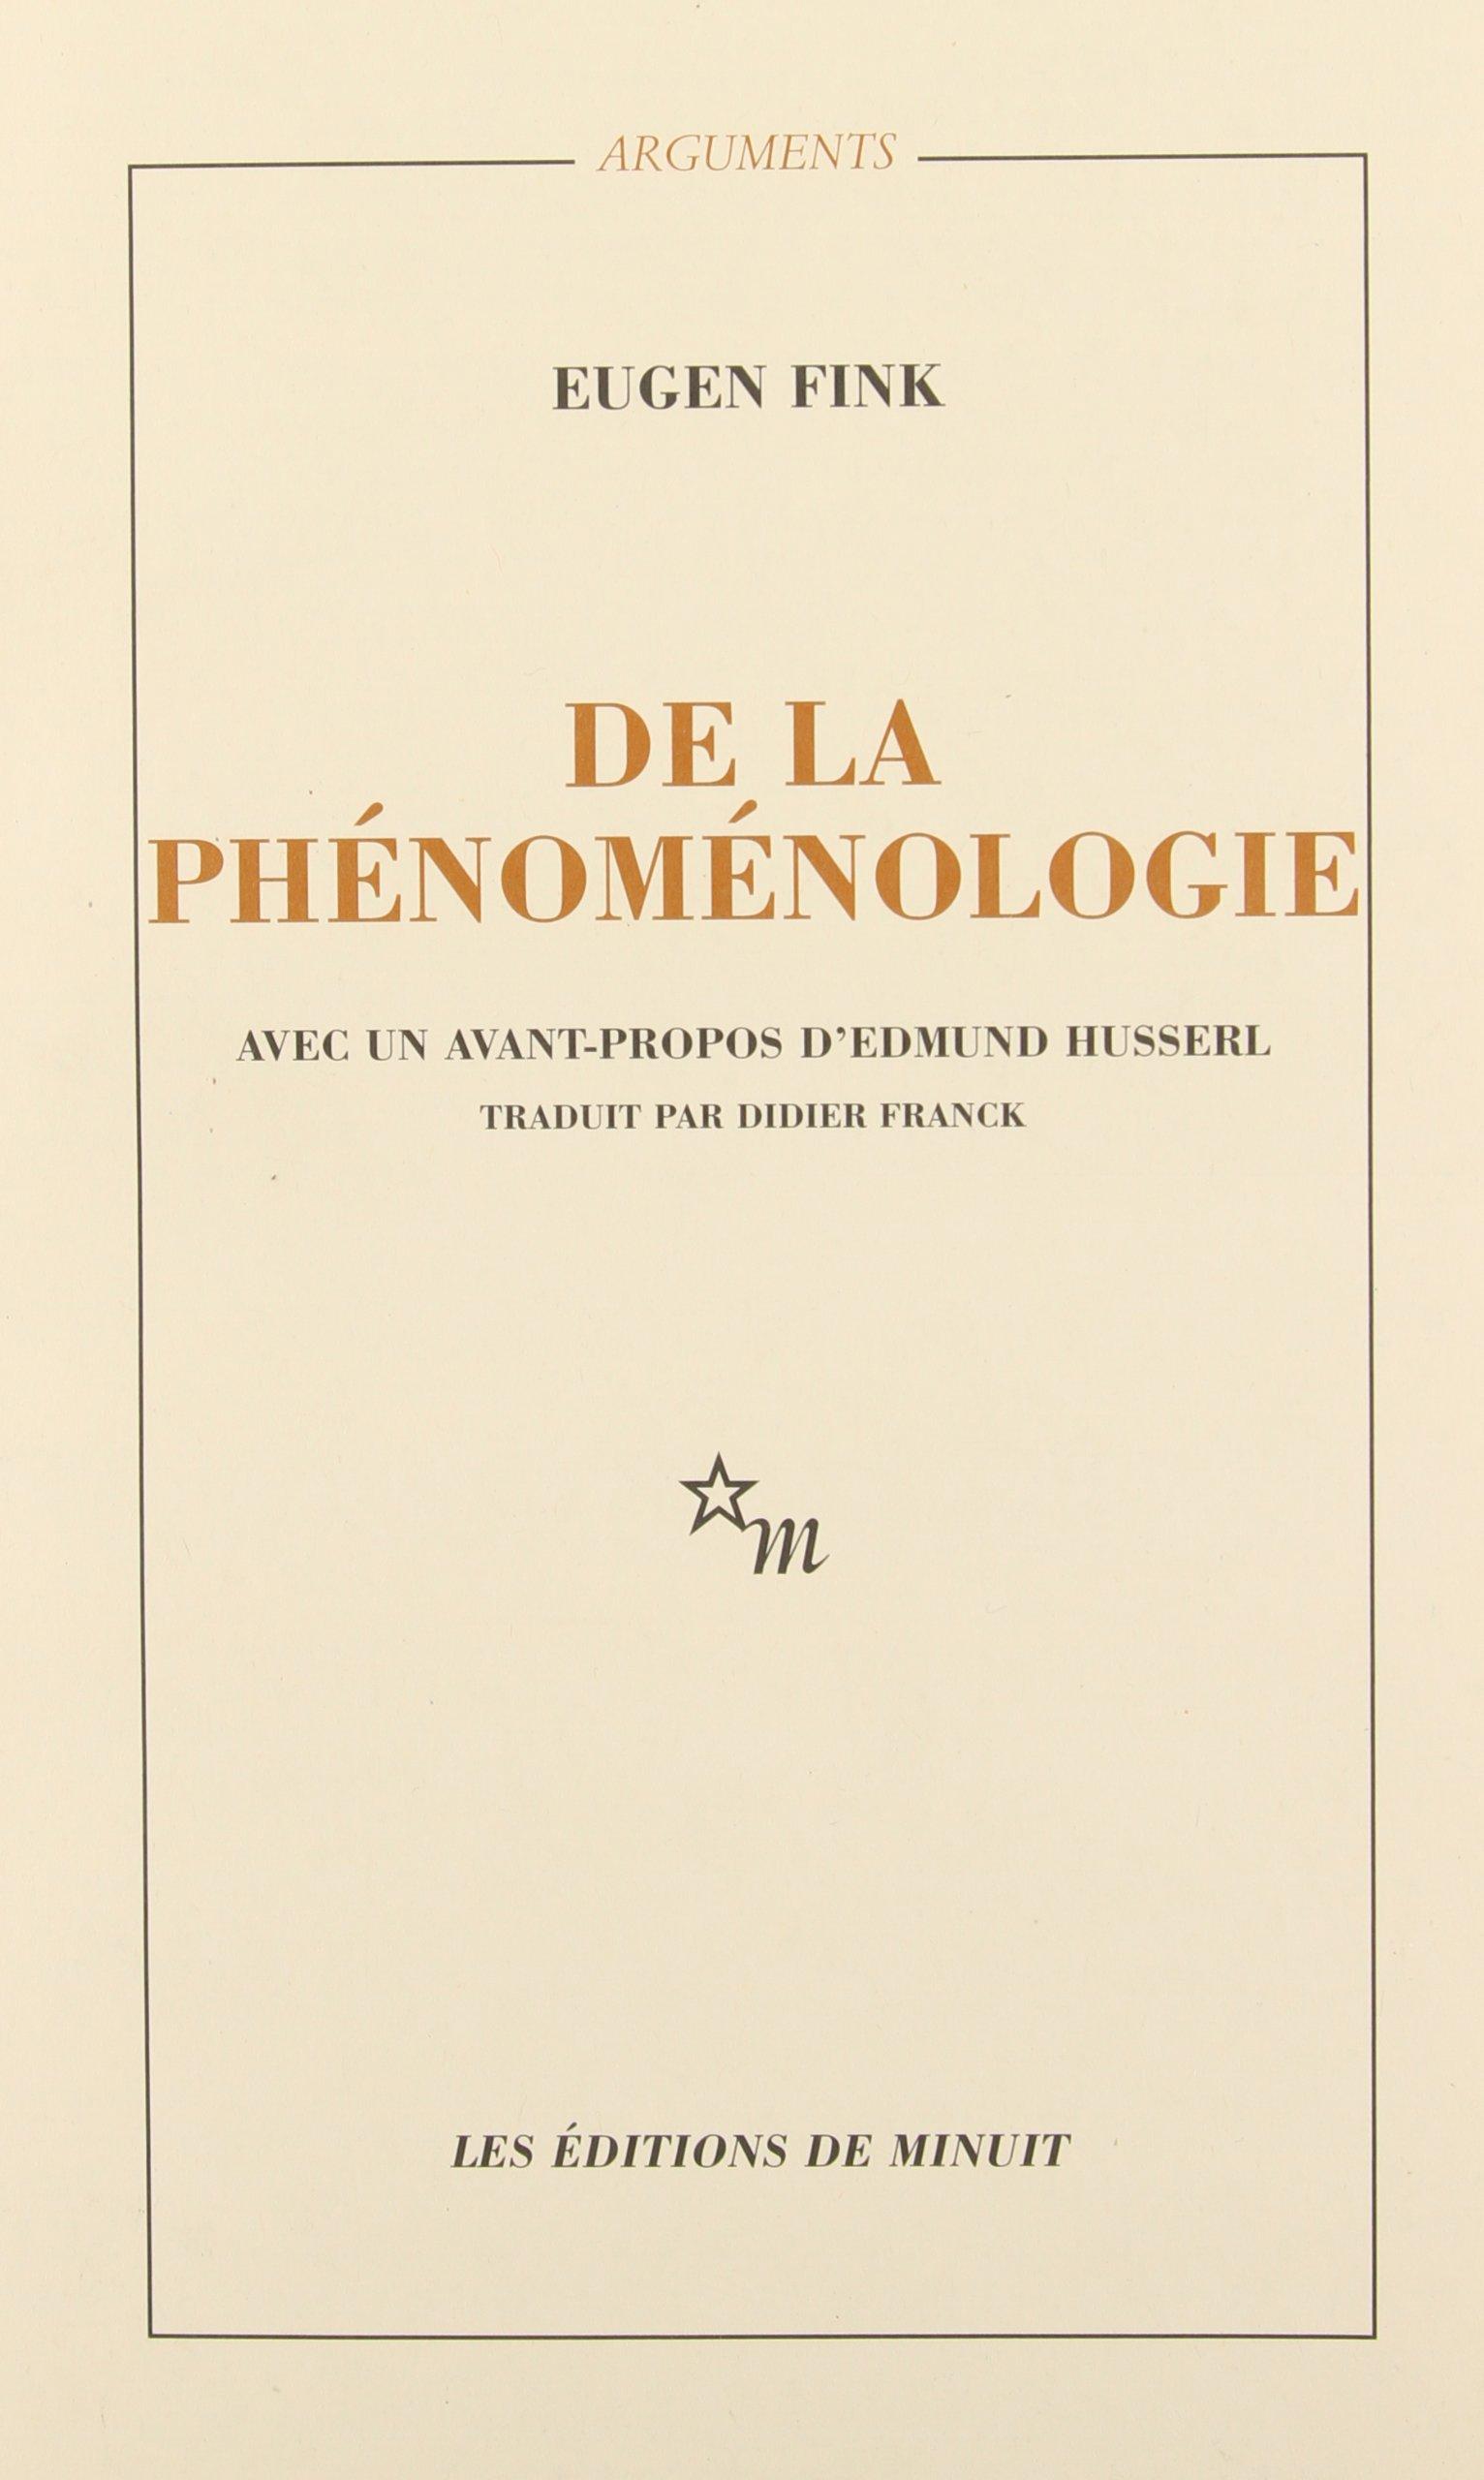 De la phénoménologie